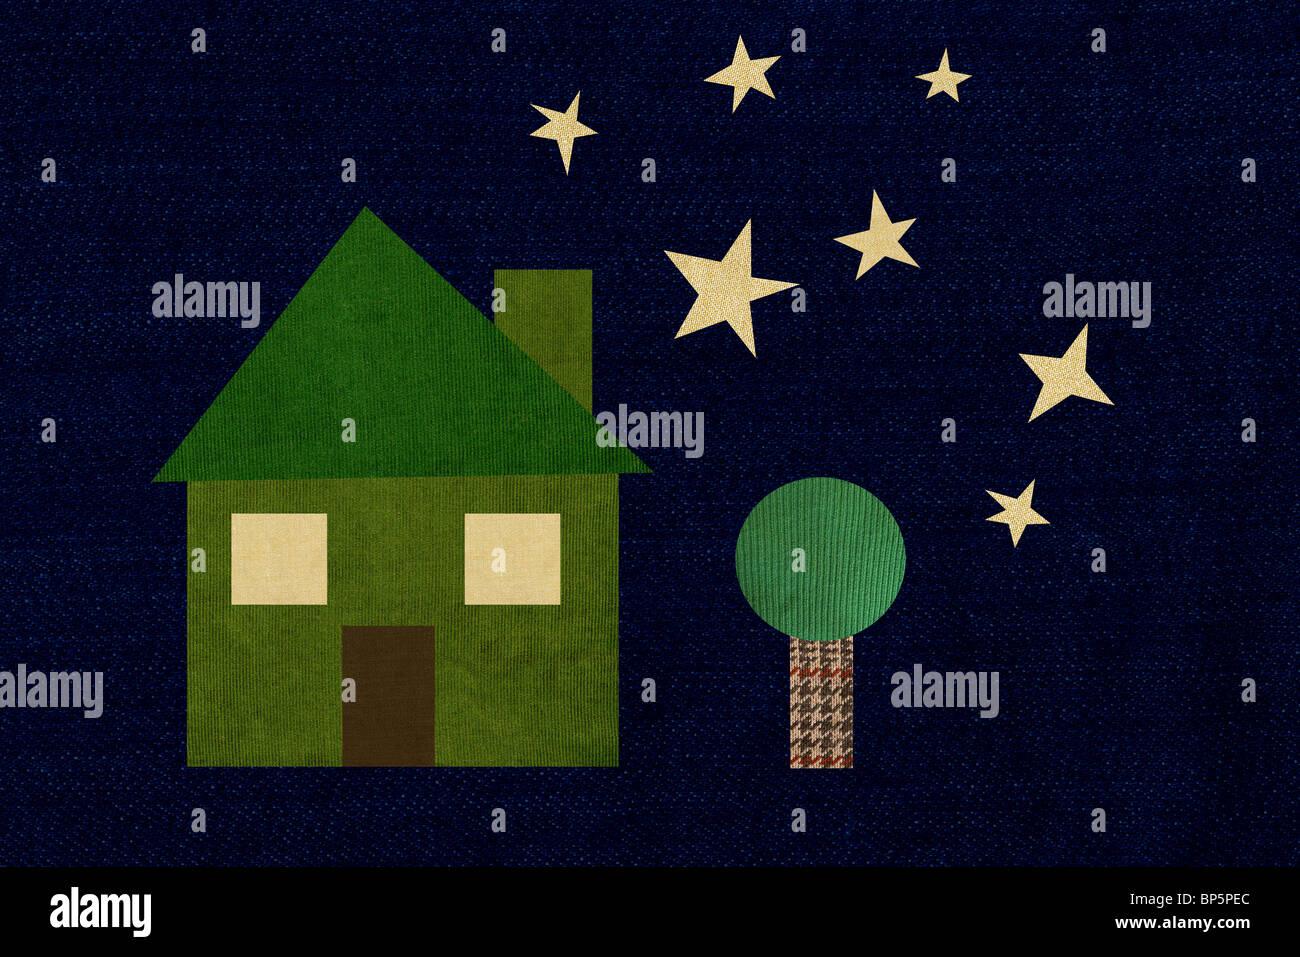 Verde casa colorata nella notte stellata Immagini Stock